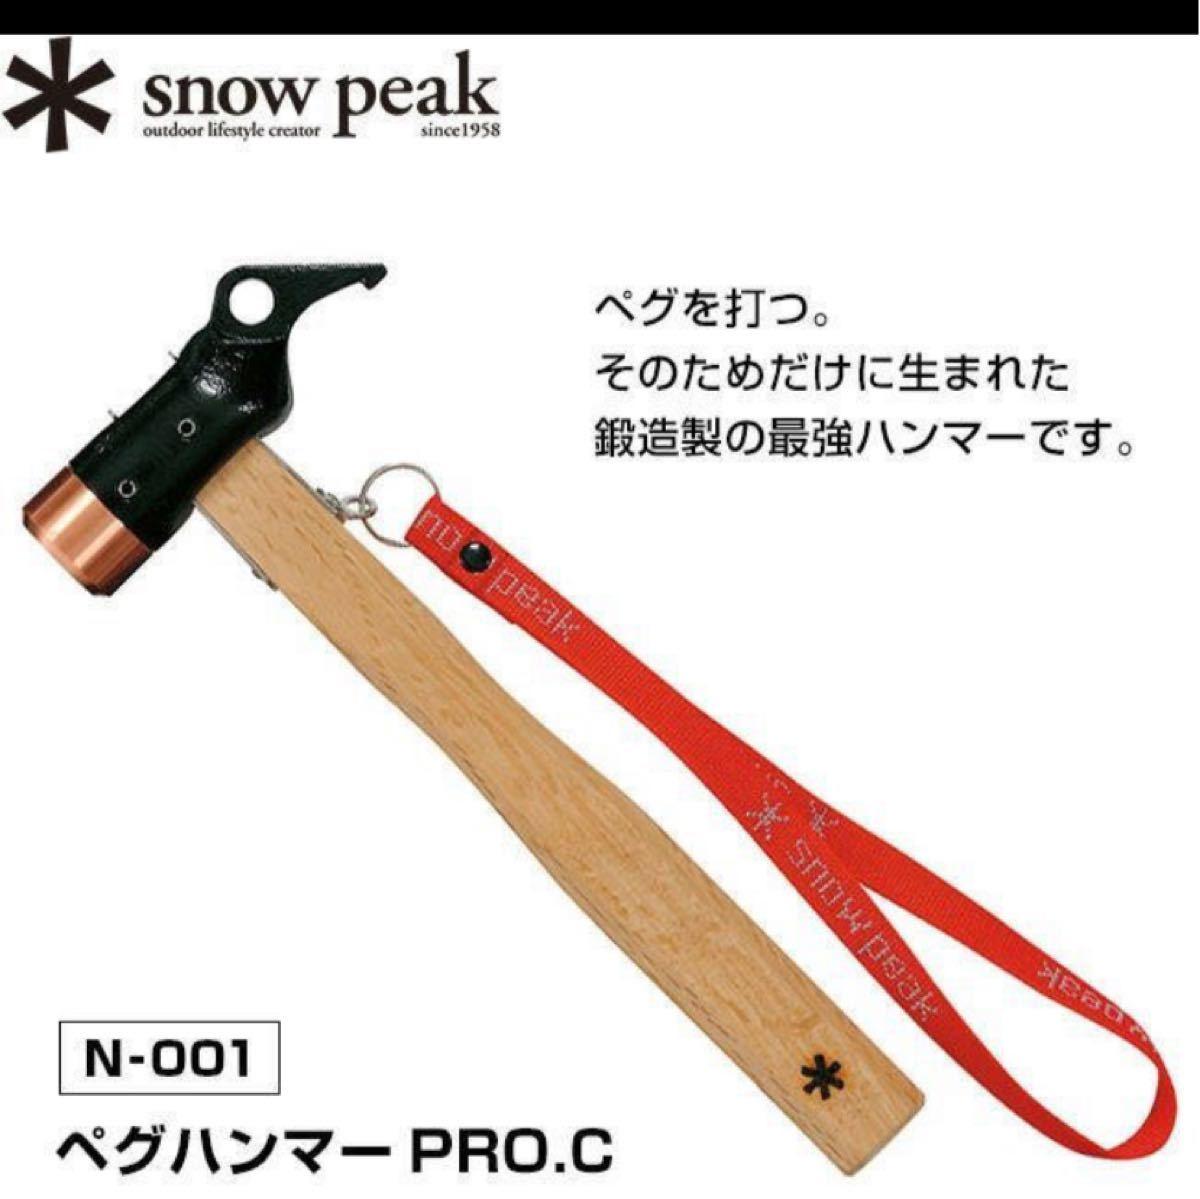 スノーピーク snowpeak N-001 ペグハンマー PRO.C 限定価格